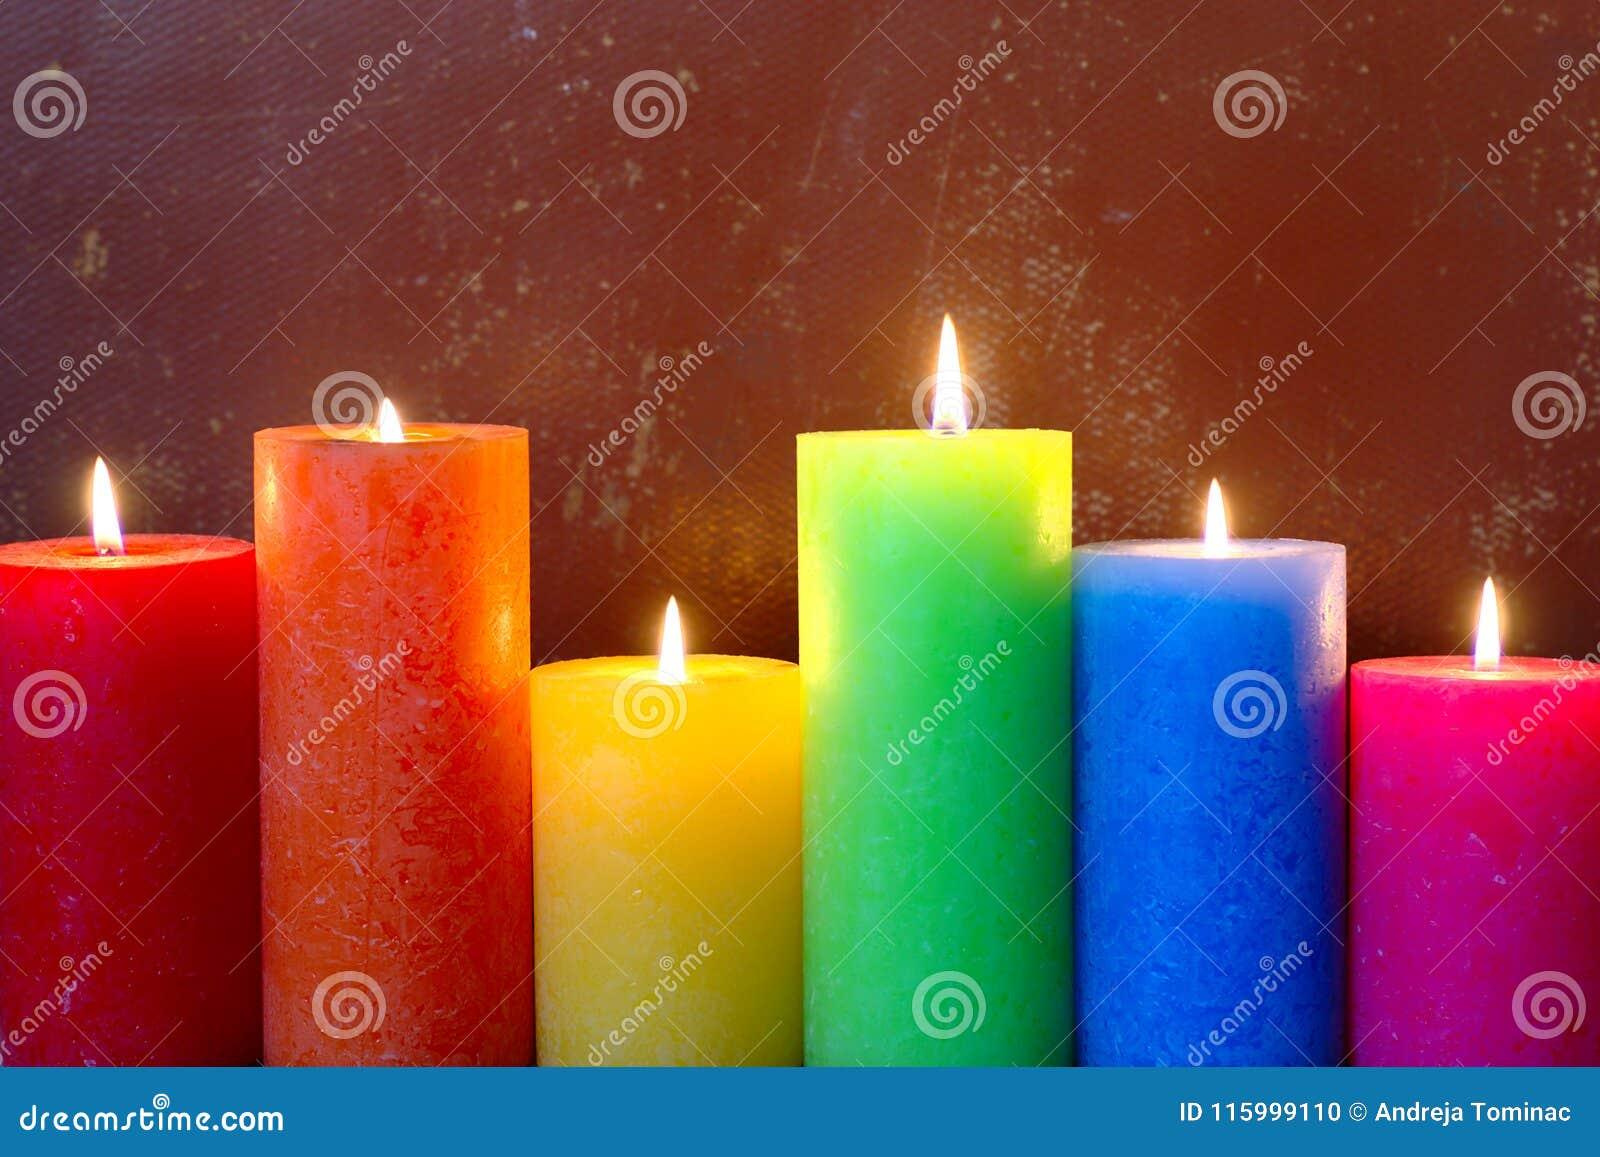 Καίγοντας κεριά στα χρώματα ουράνιων τόξων